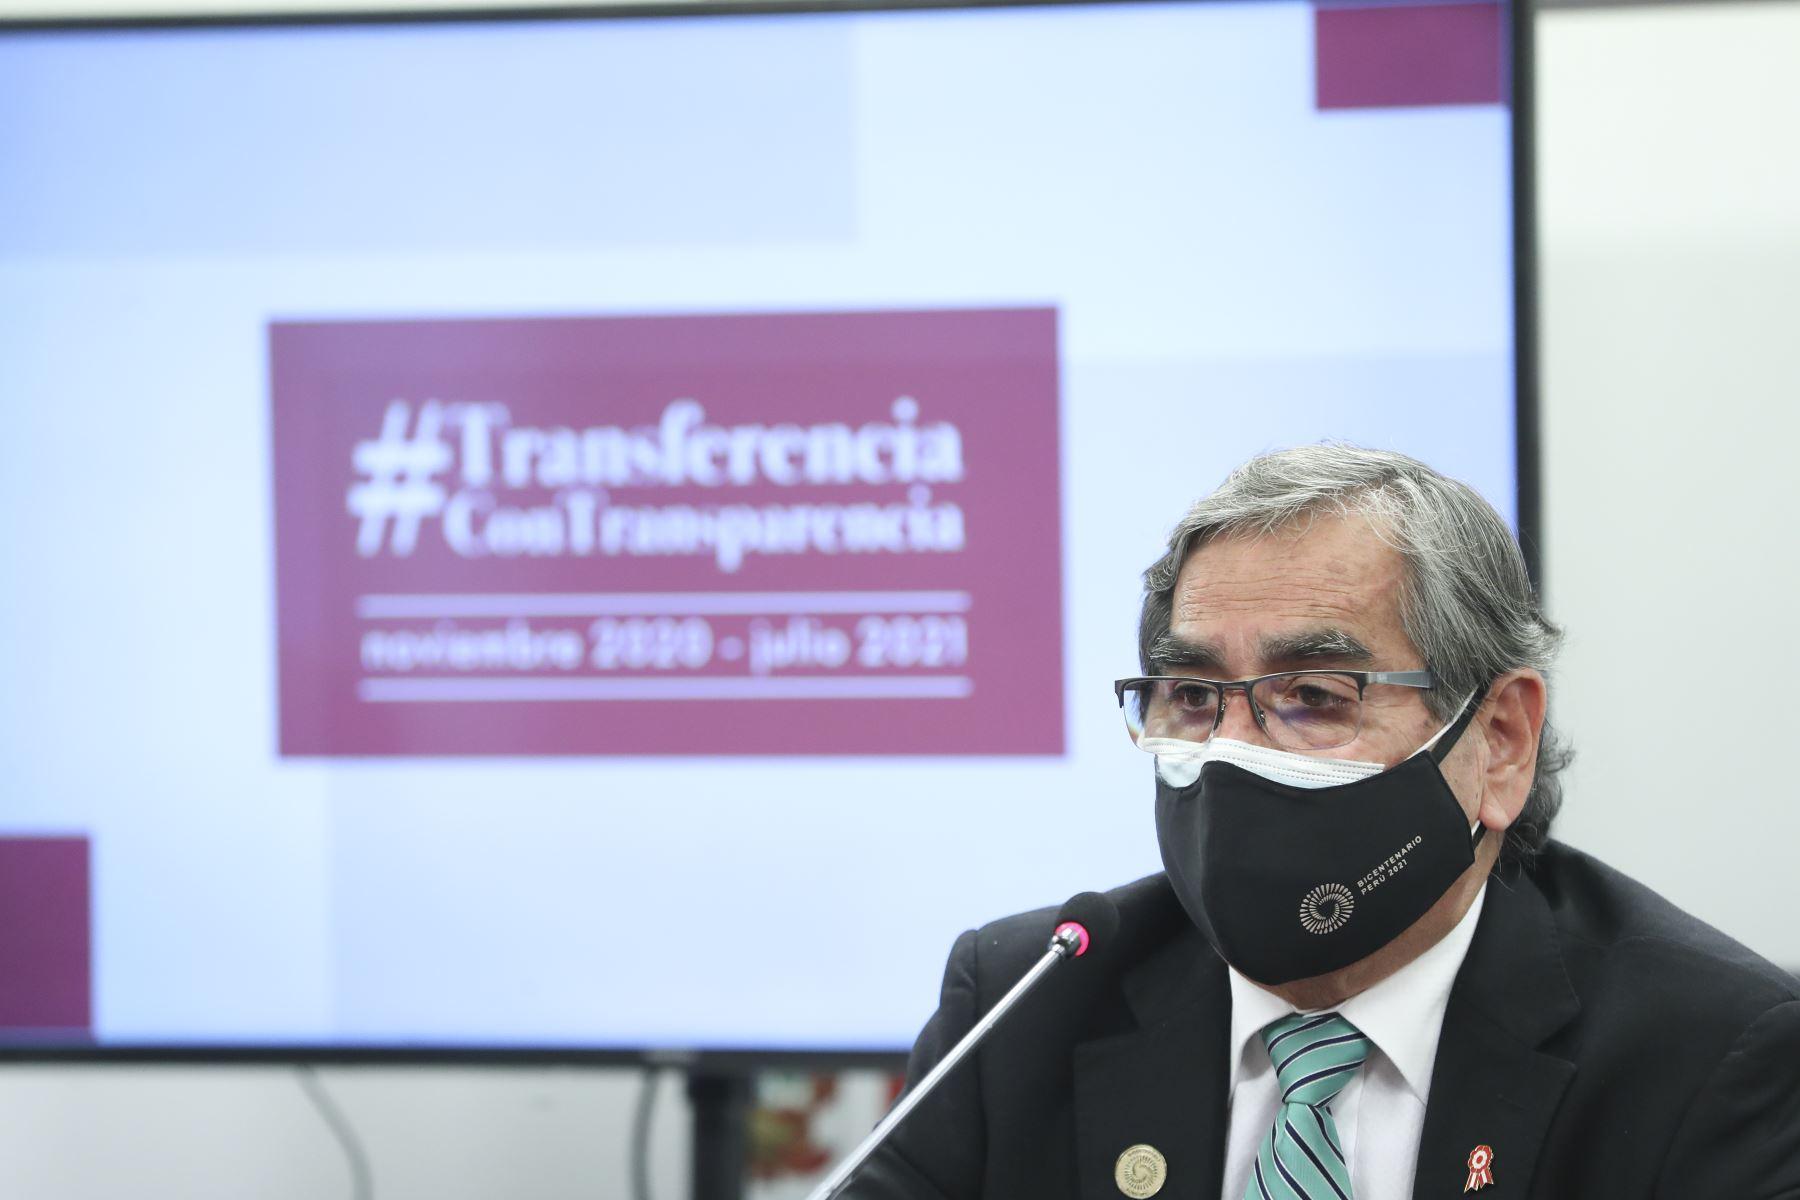 Ministro de Relaciones Exteriores, Allan Wagner, brinda conferencia de prensa sobre el balance de su gestión. Foto: ANDINA/PCM